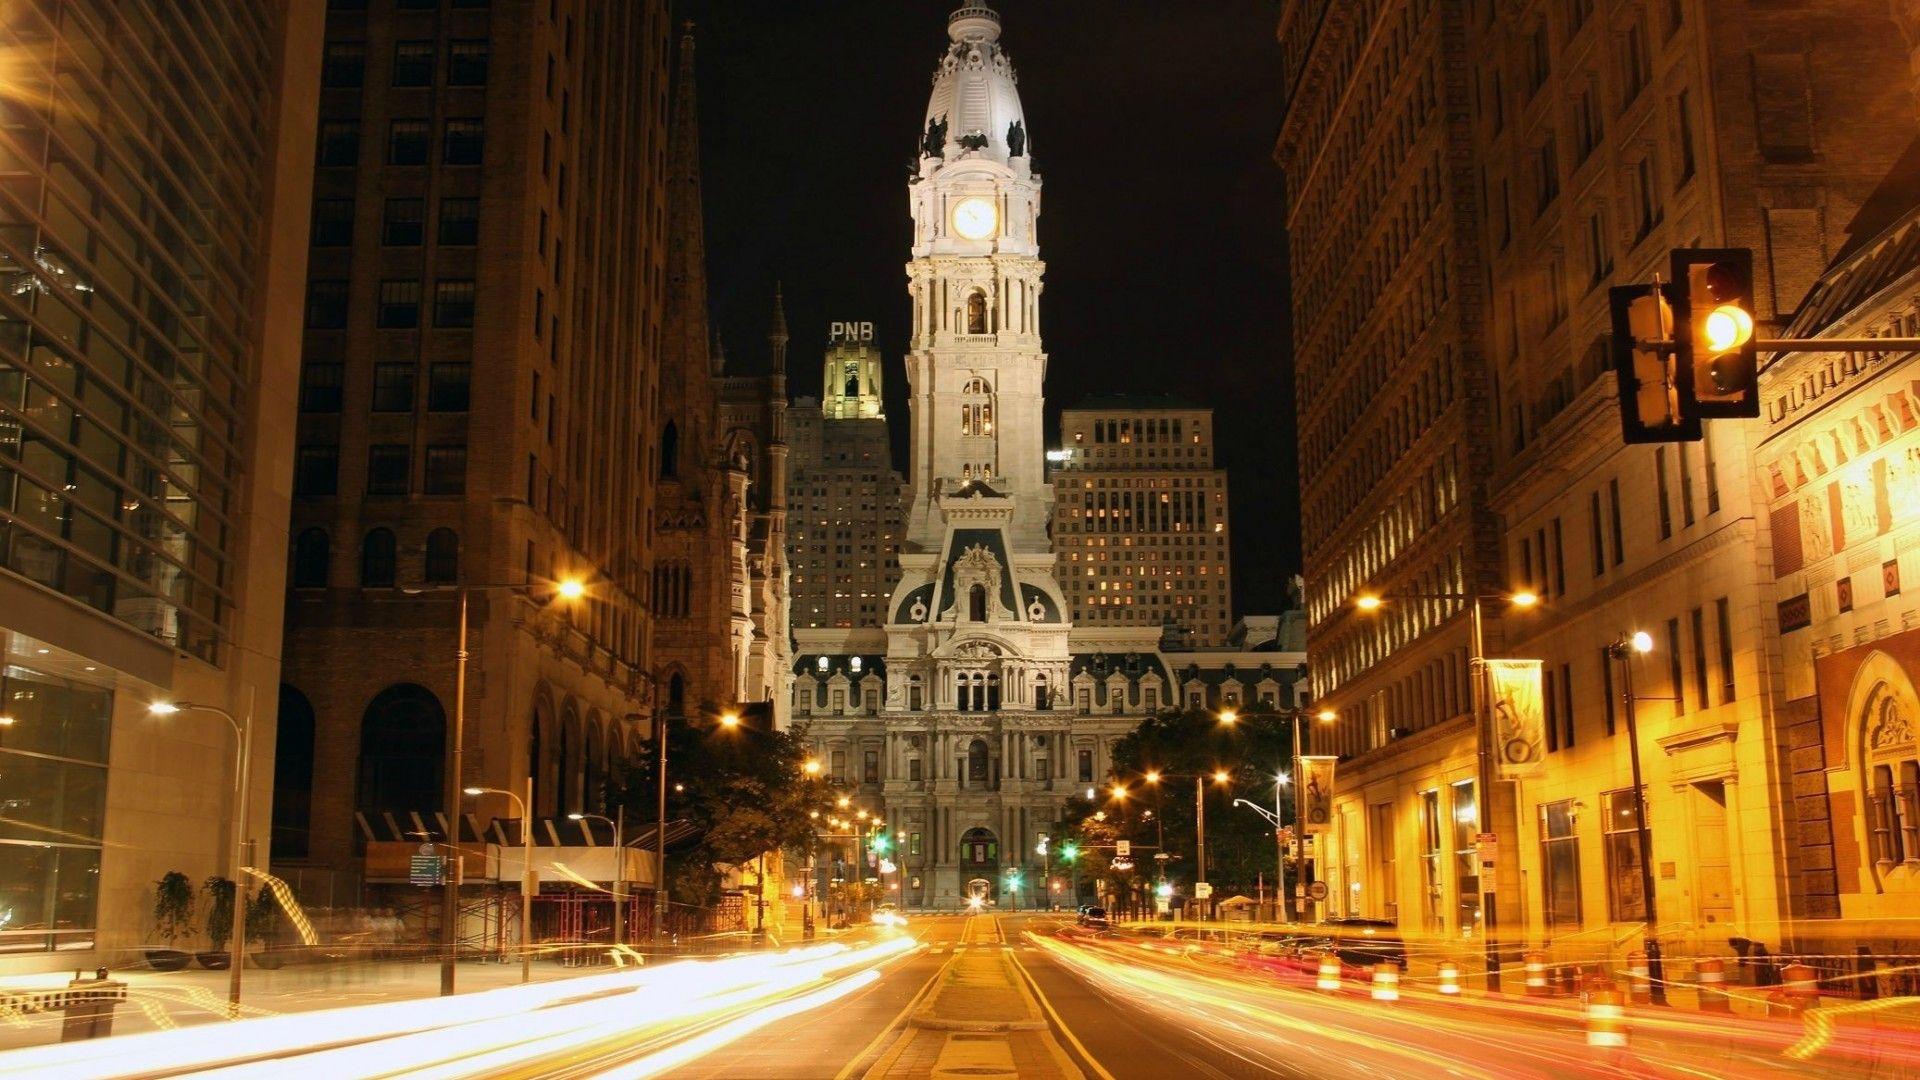 Philadelphia computer background